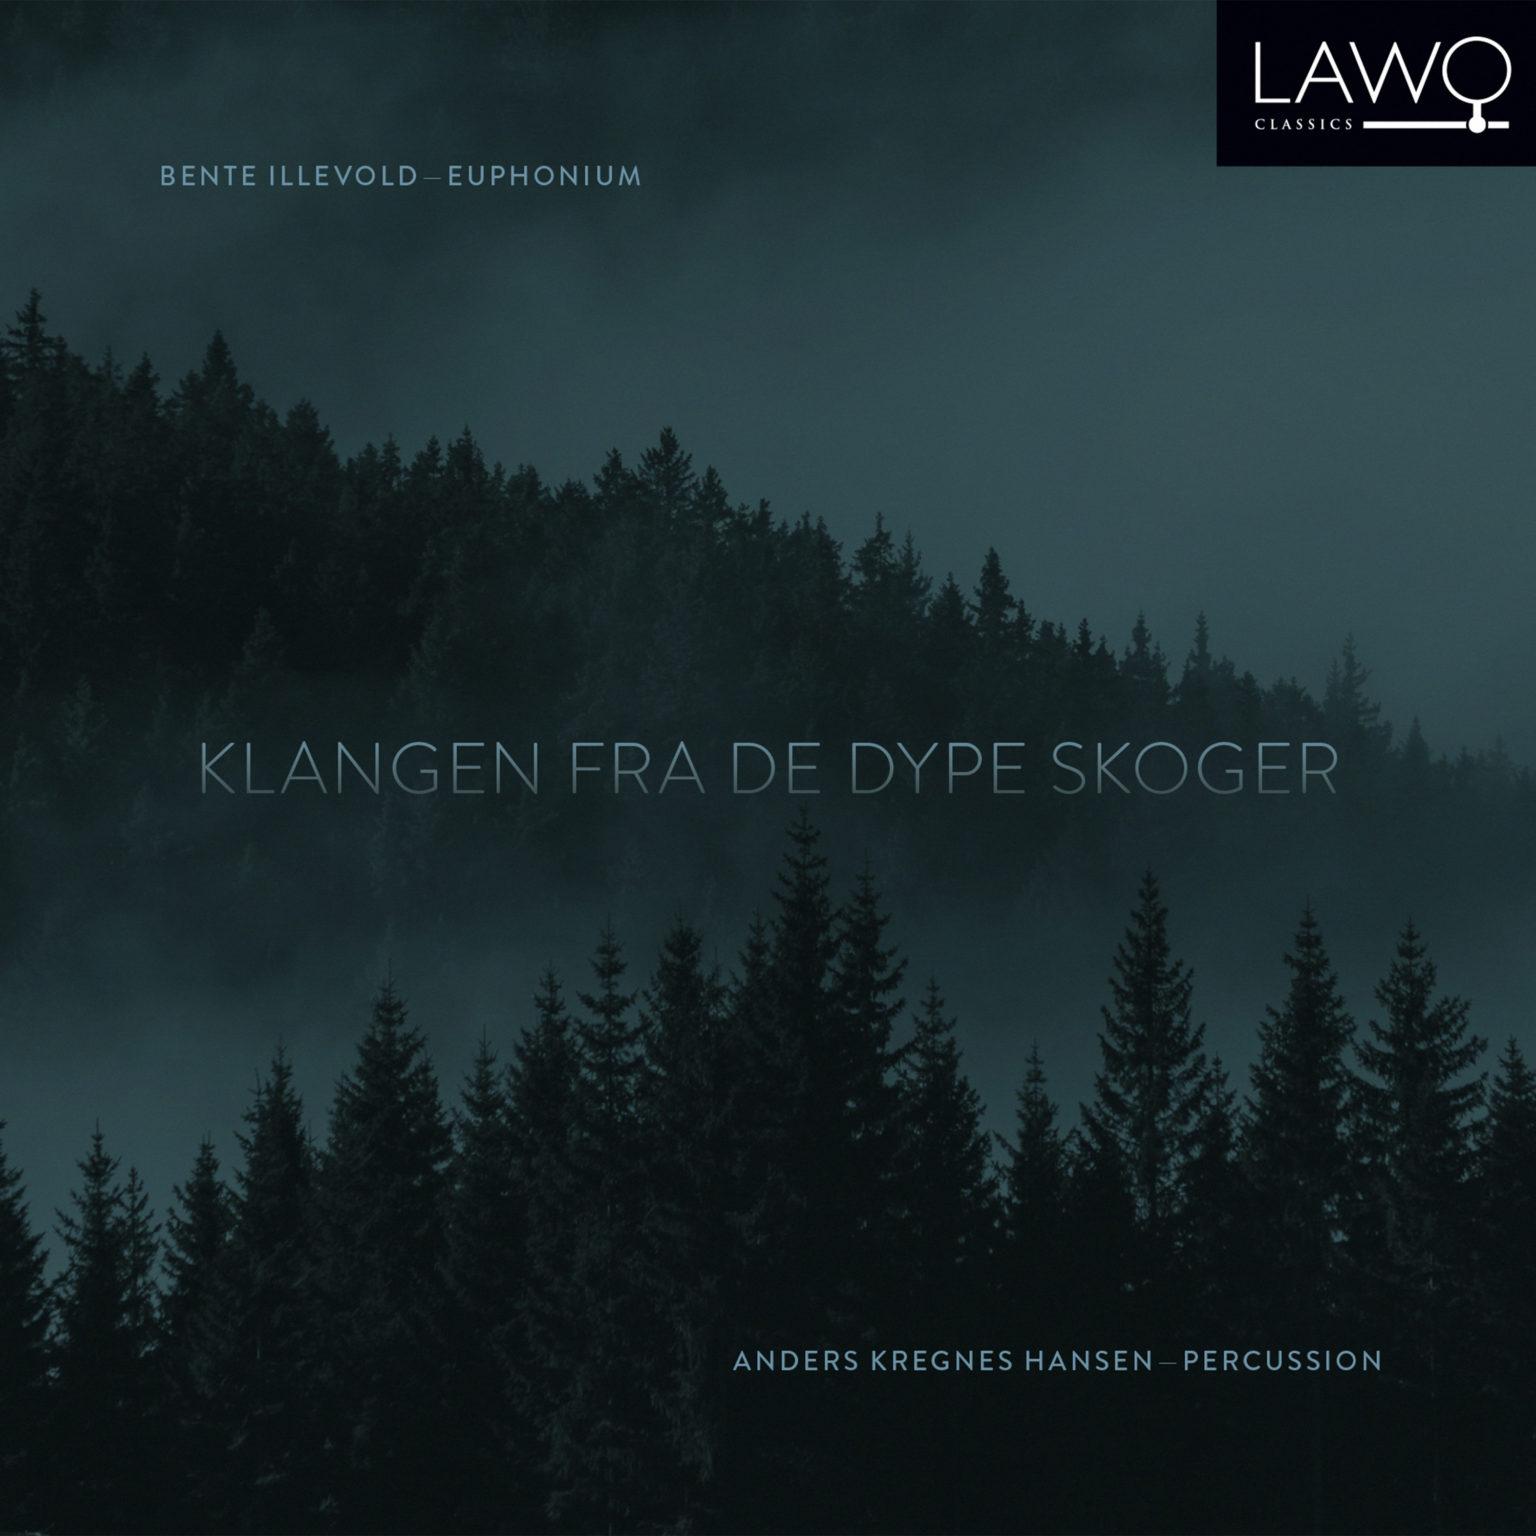 Click image for larger version.  Name:LWC1195_Bente_Illevold_Klangen_fra_de_dype_skoger_cover_3000x3000px-1536x1536.jpg Views:403 Size:174.8 KB ID:7720